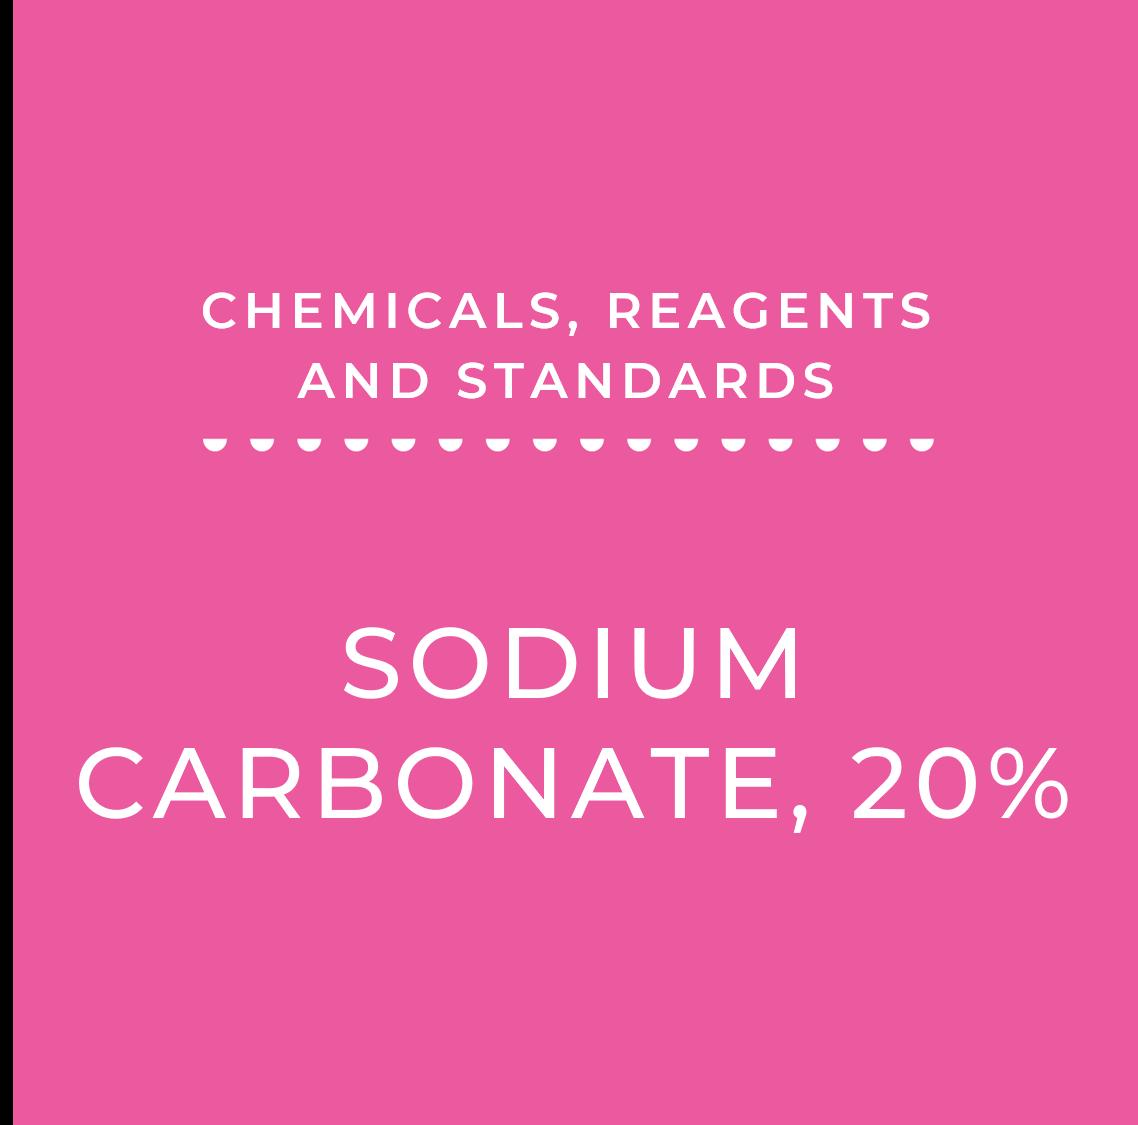 Sodium Carbonate 20%